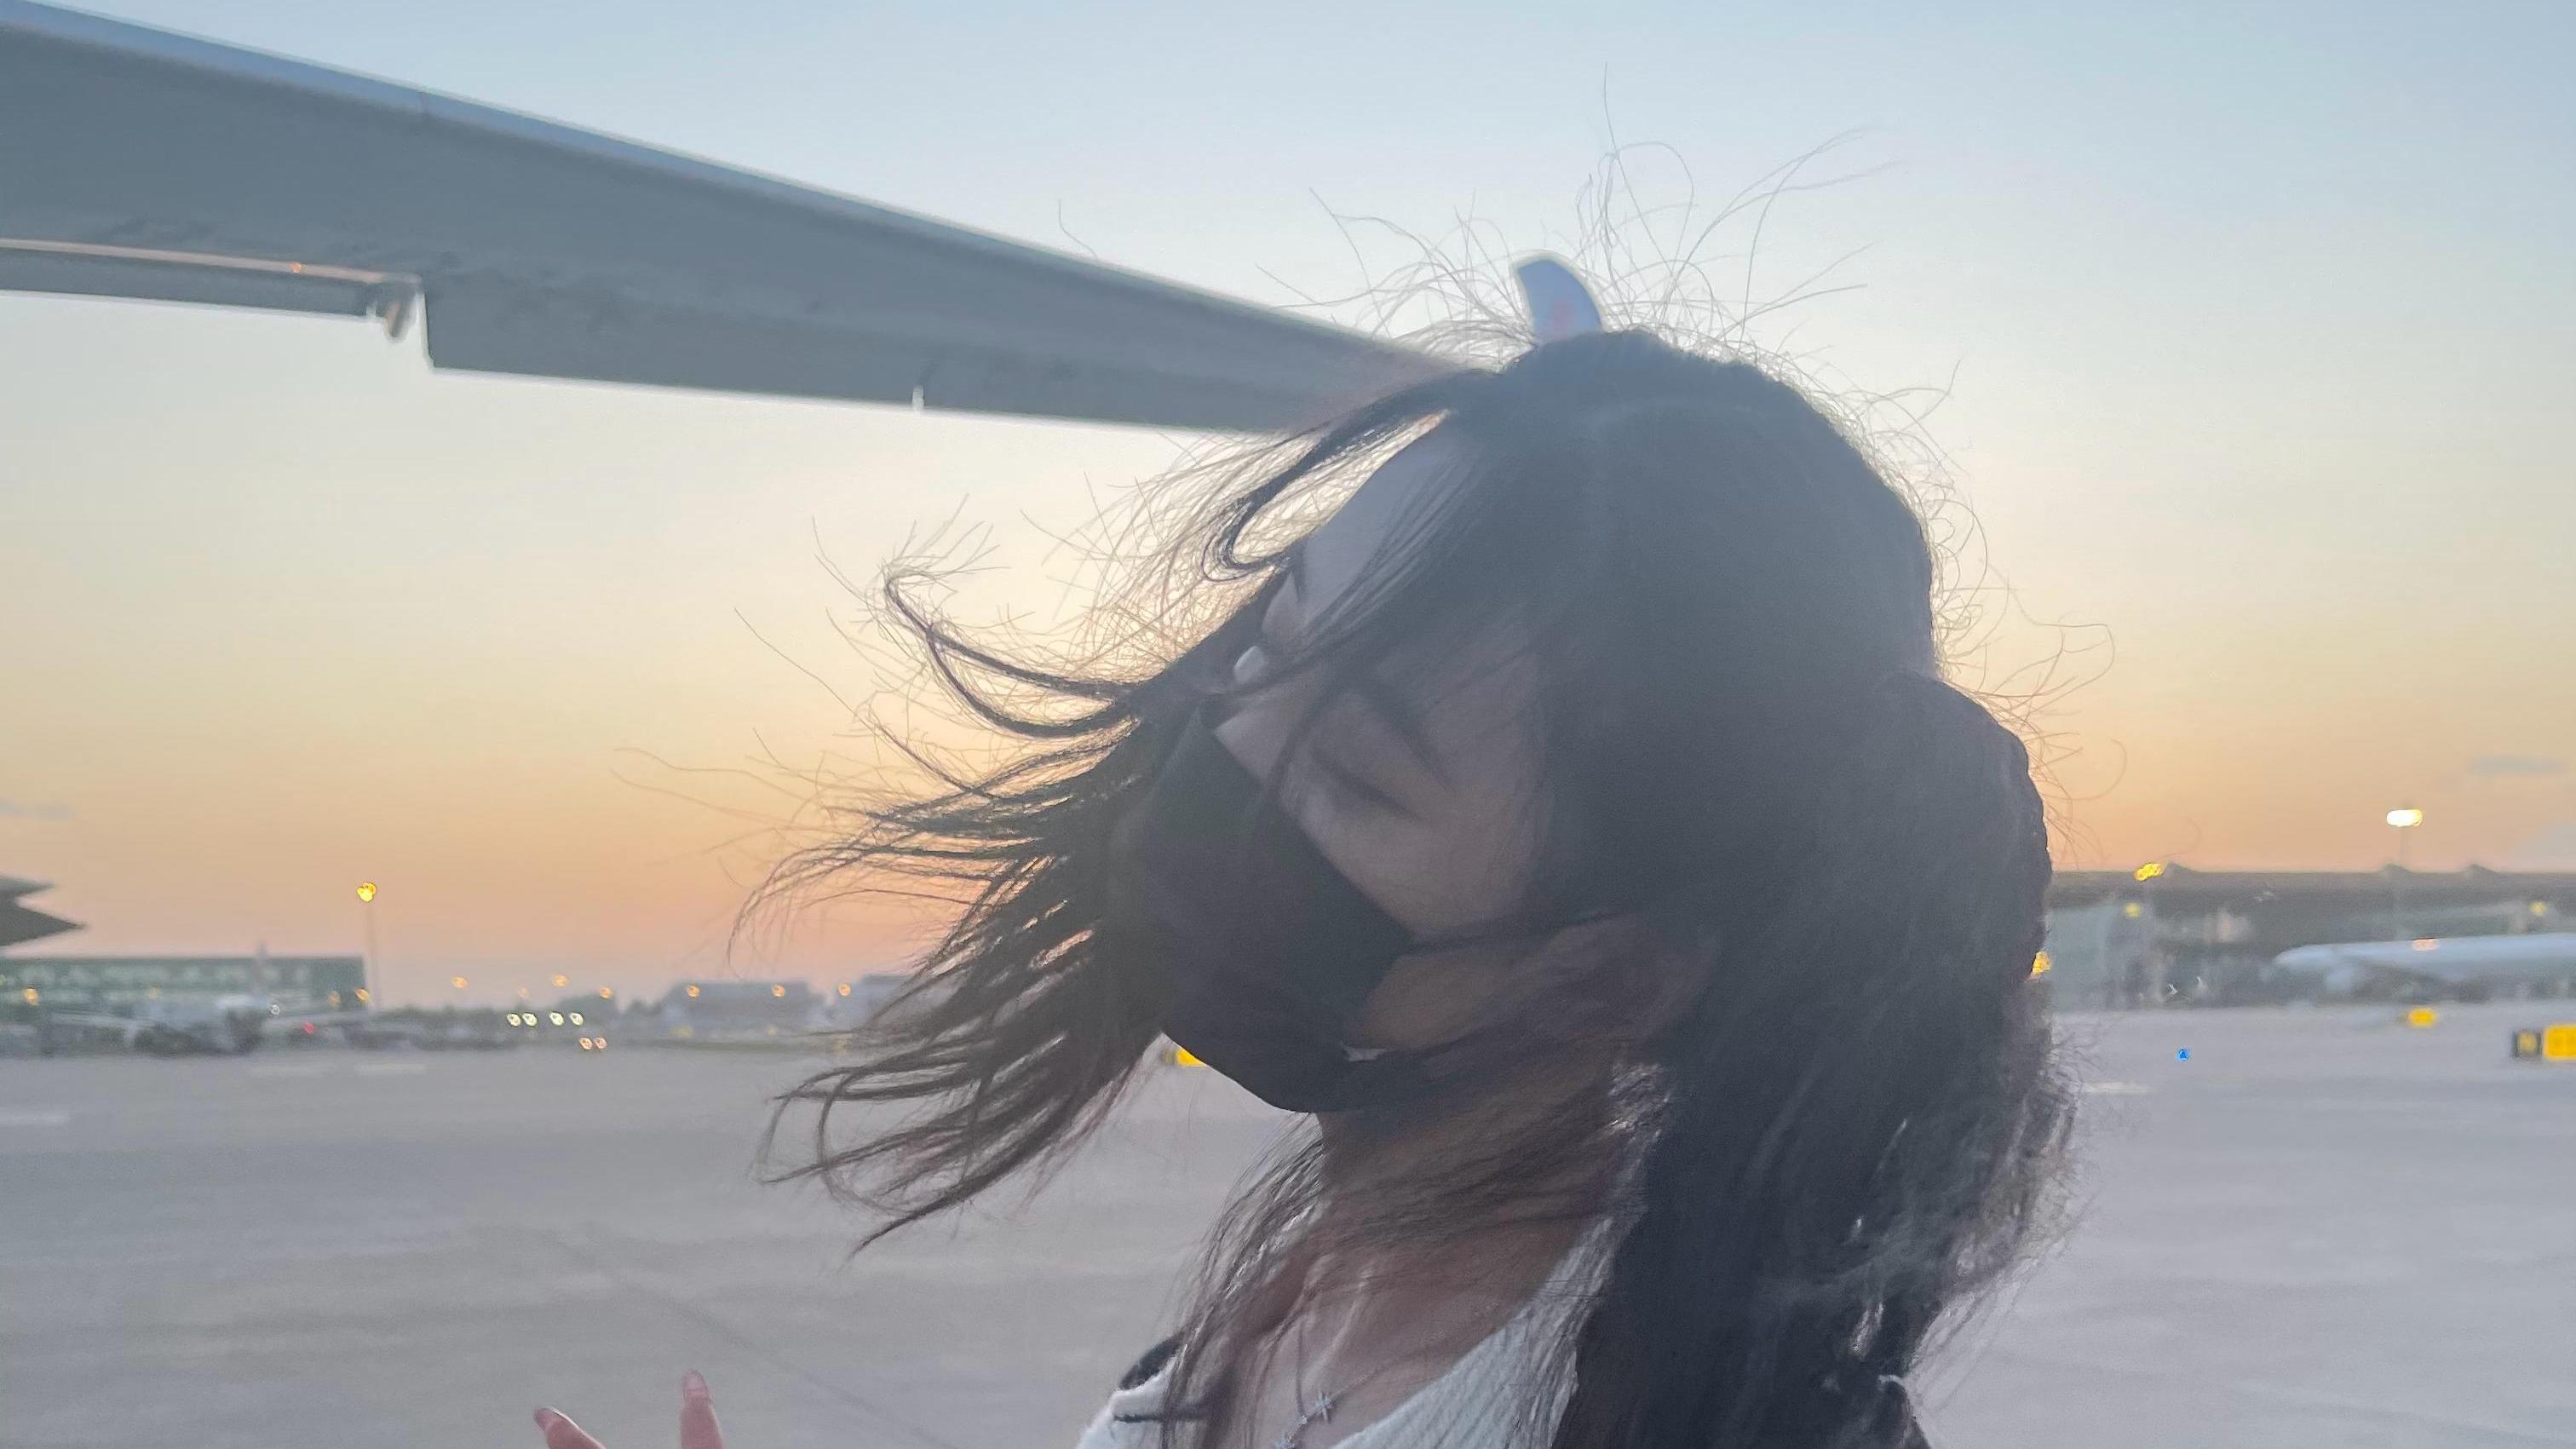 徐艺洋机场生图,双马尾条纹毛衣配牛仔裤遇大风,飞起来的头发更俏皮